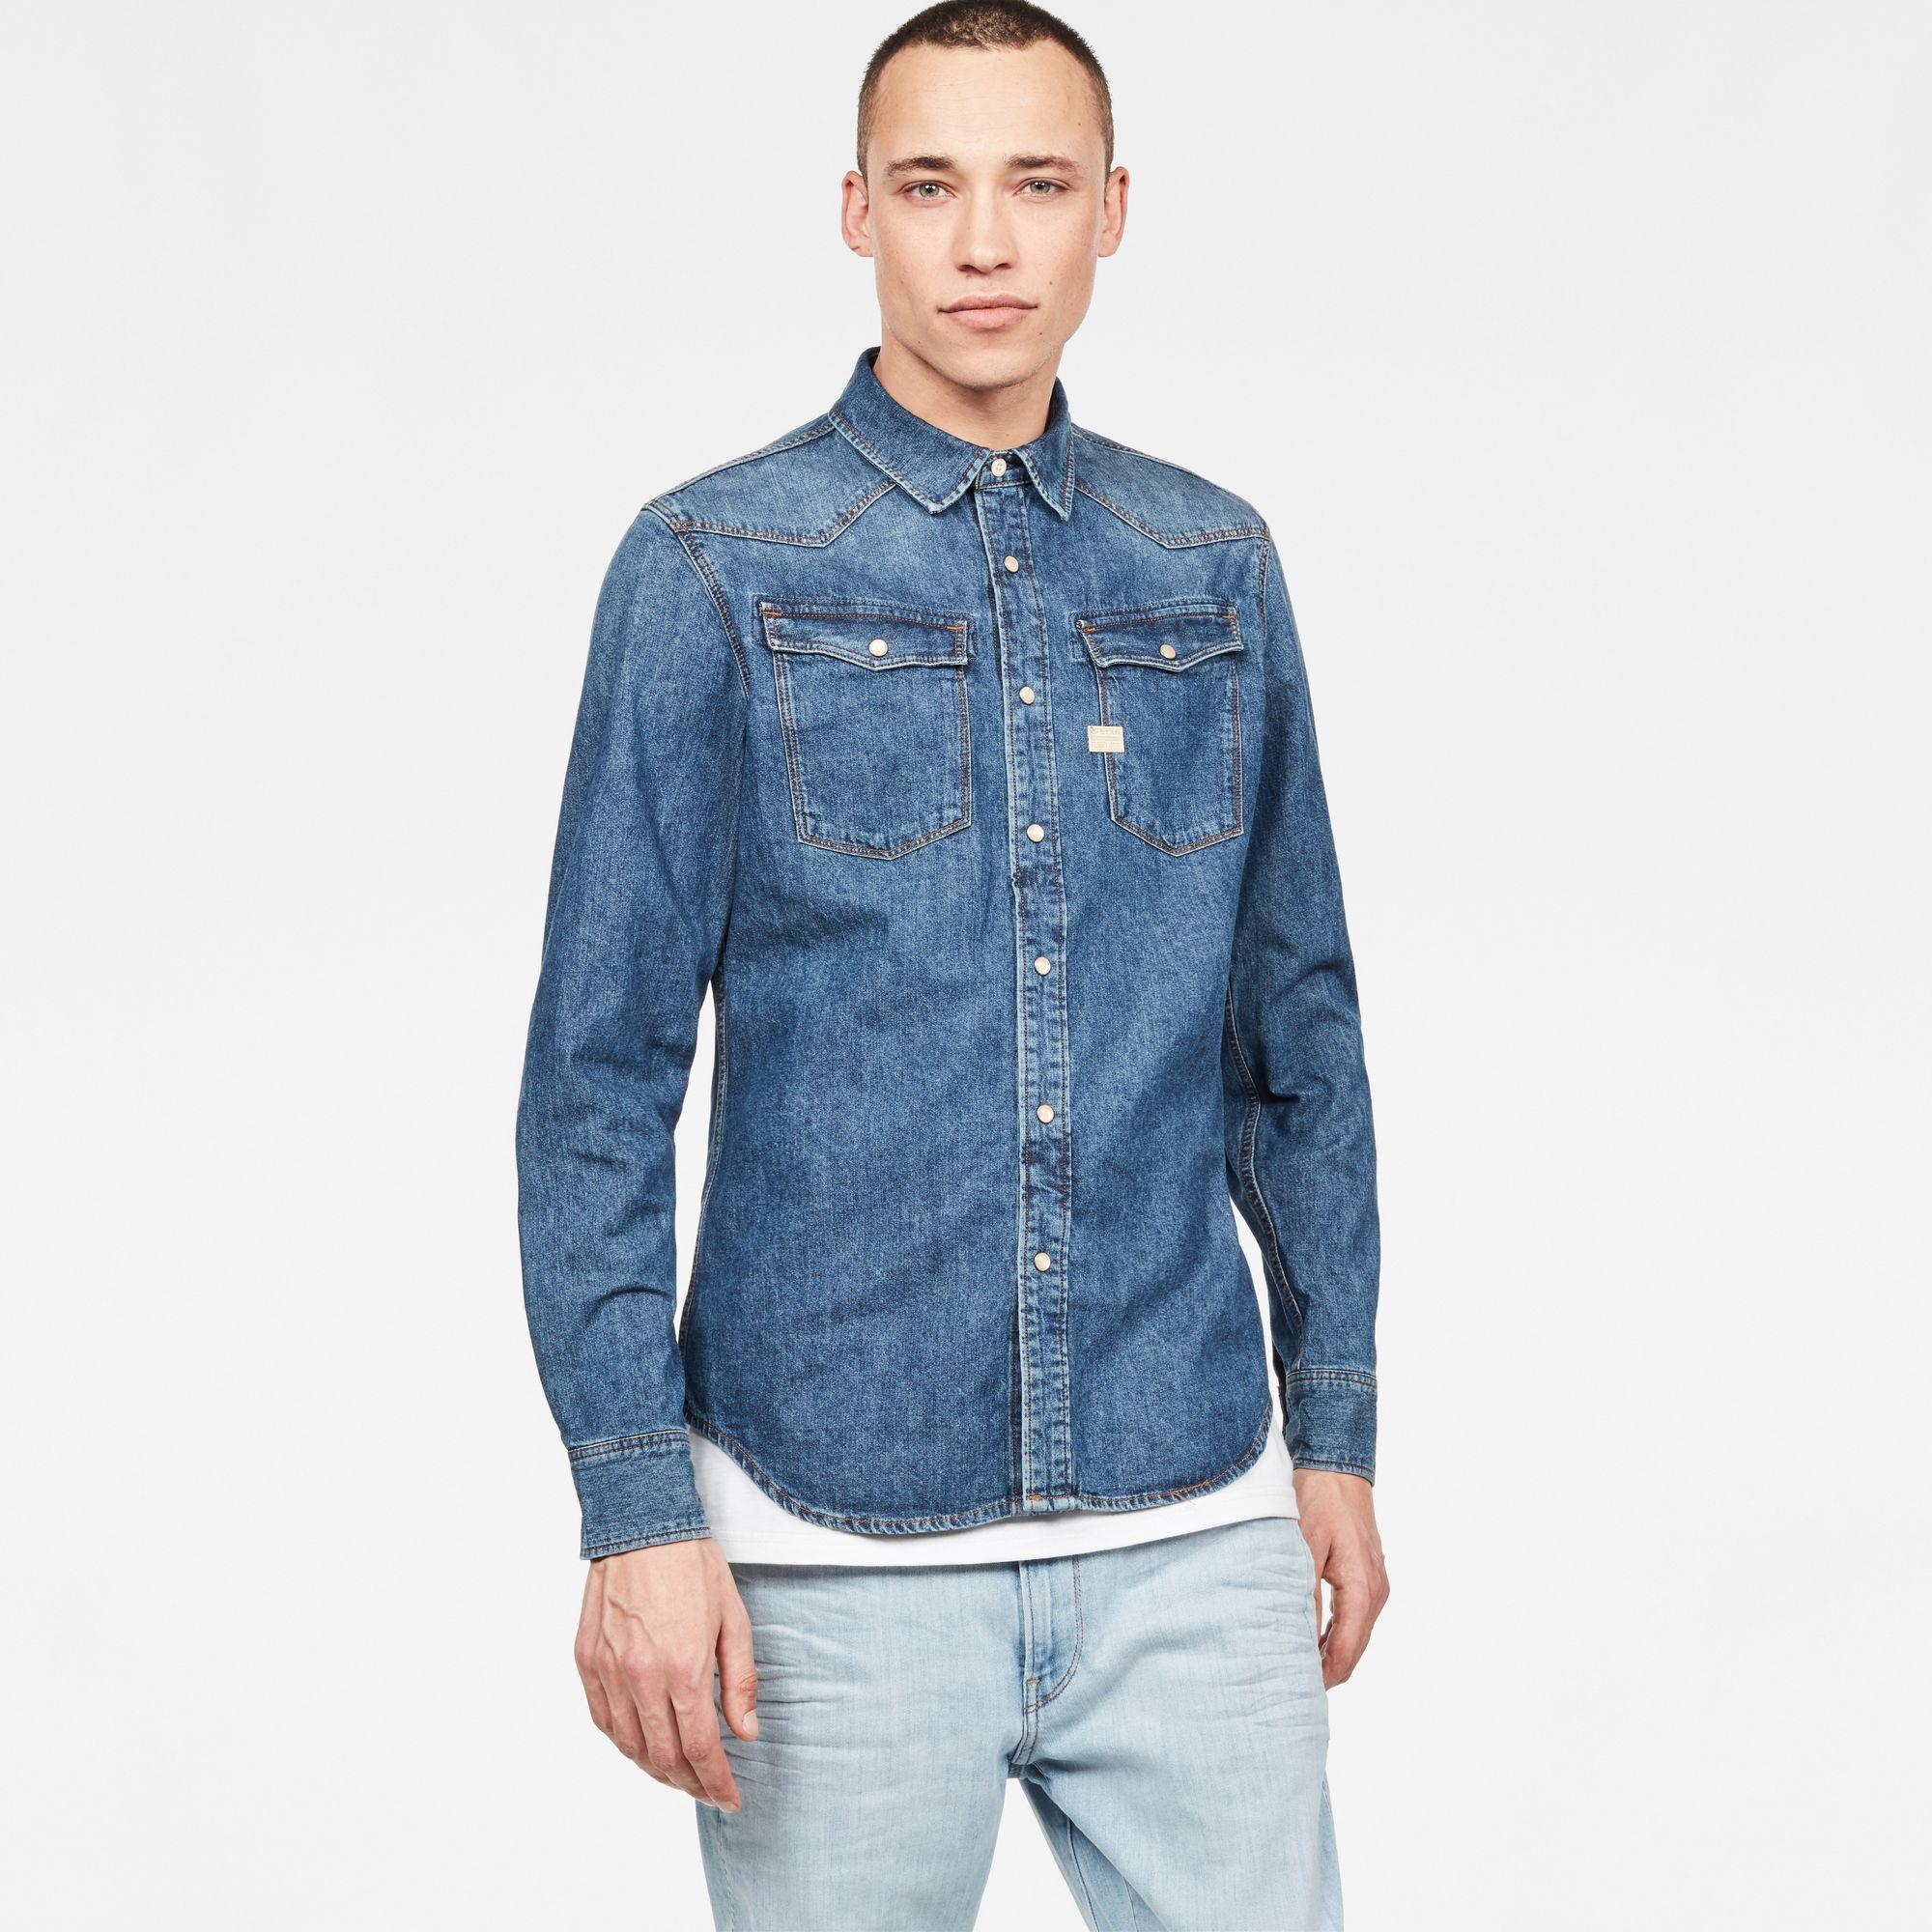 3301 Shirt | Shirts, Denim shirt, Denim